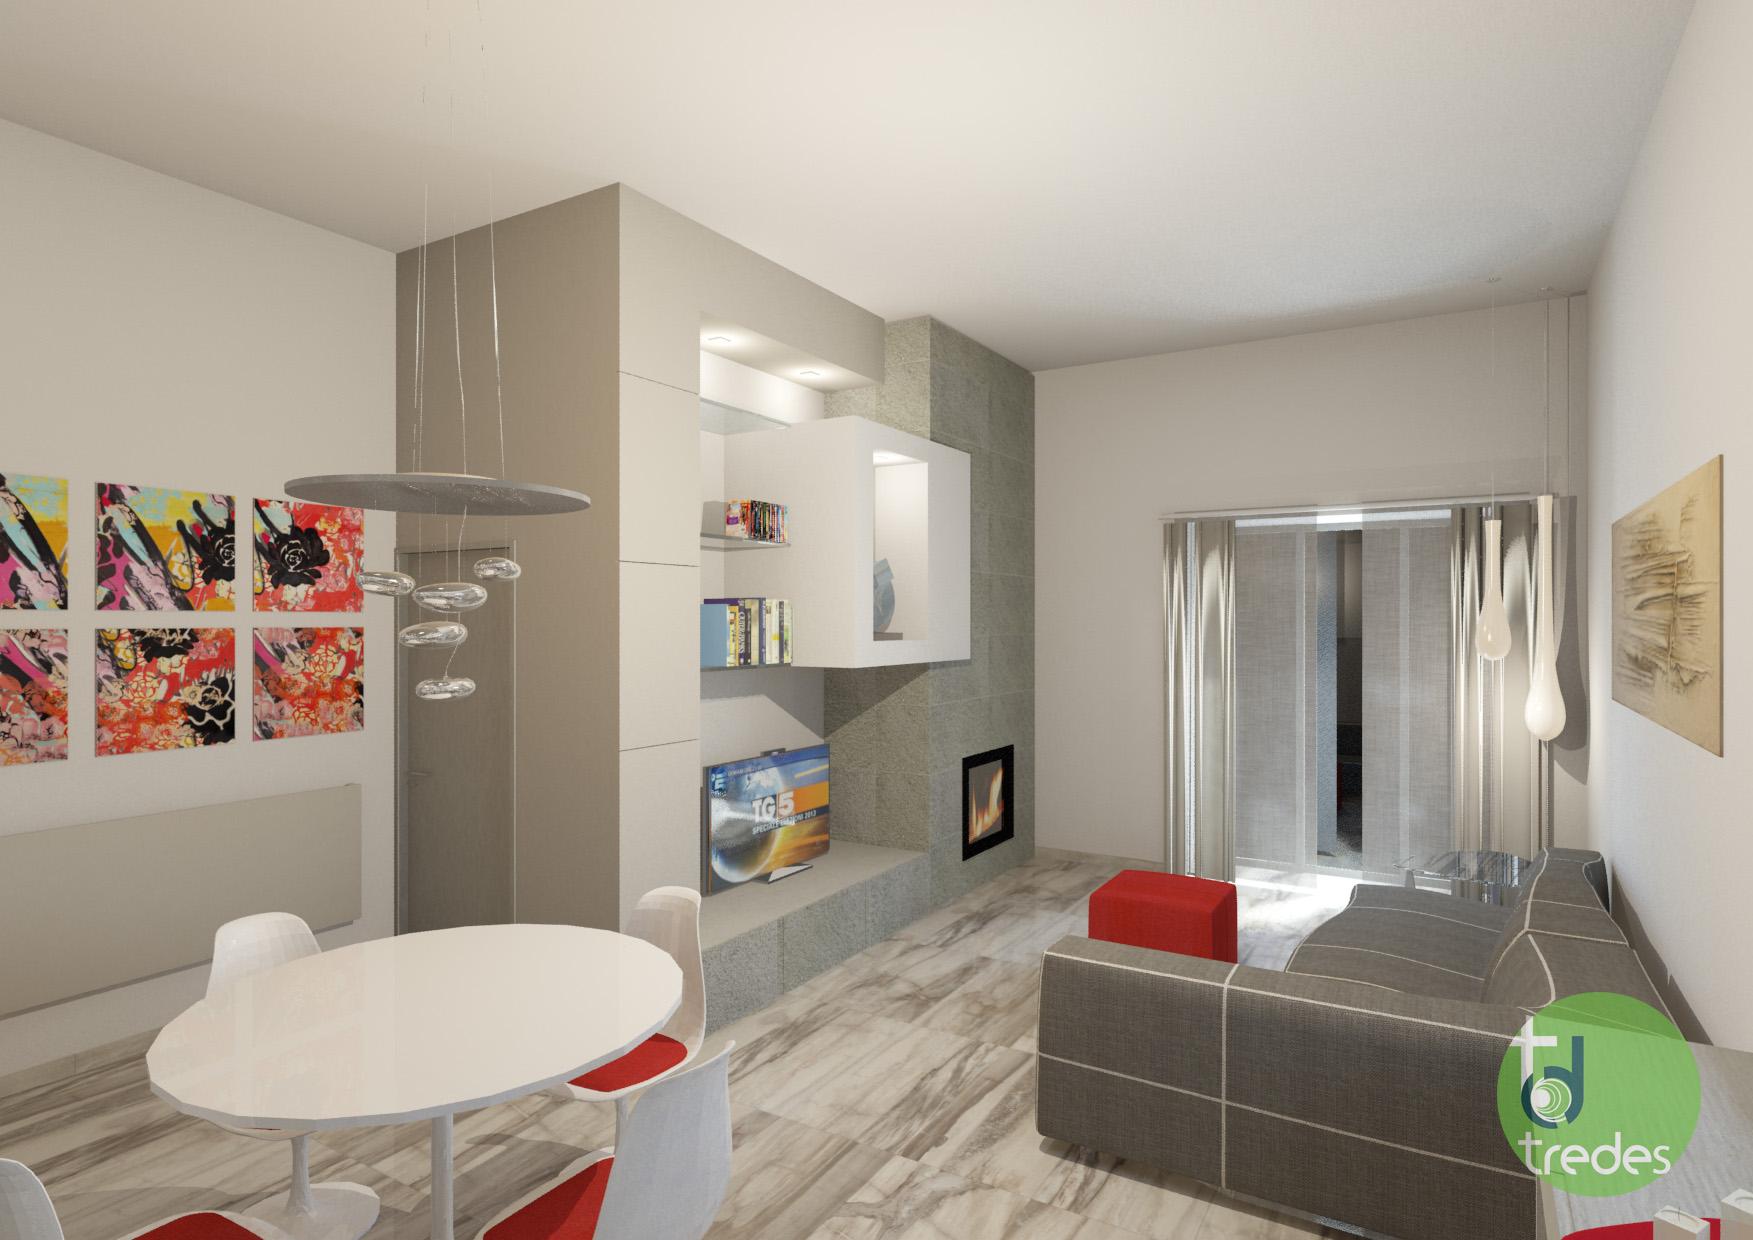 Progetto casa moderna cheap ingresso moderno category for Dove trovare i progetti per una casa